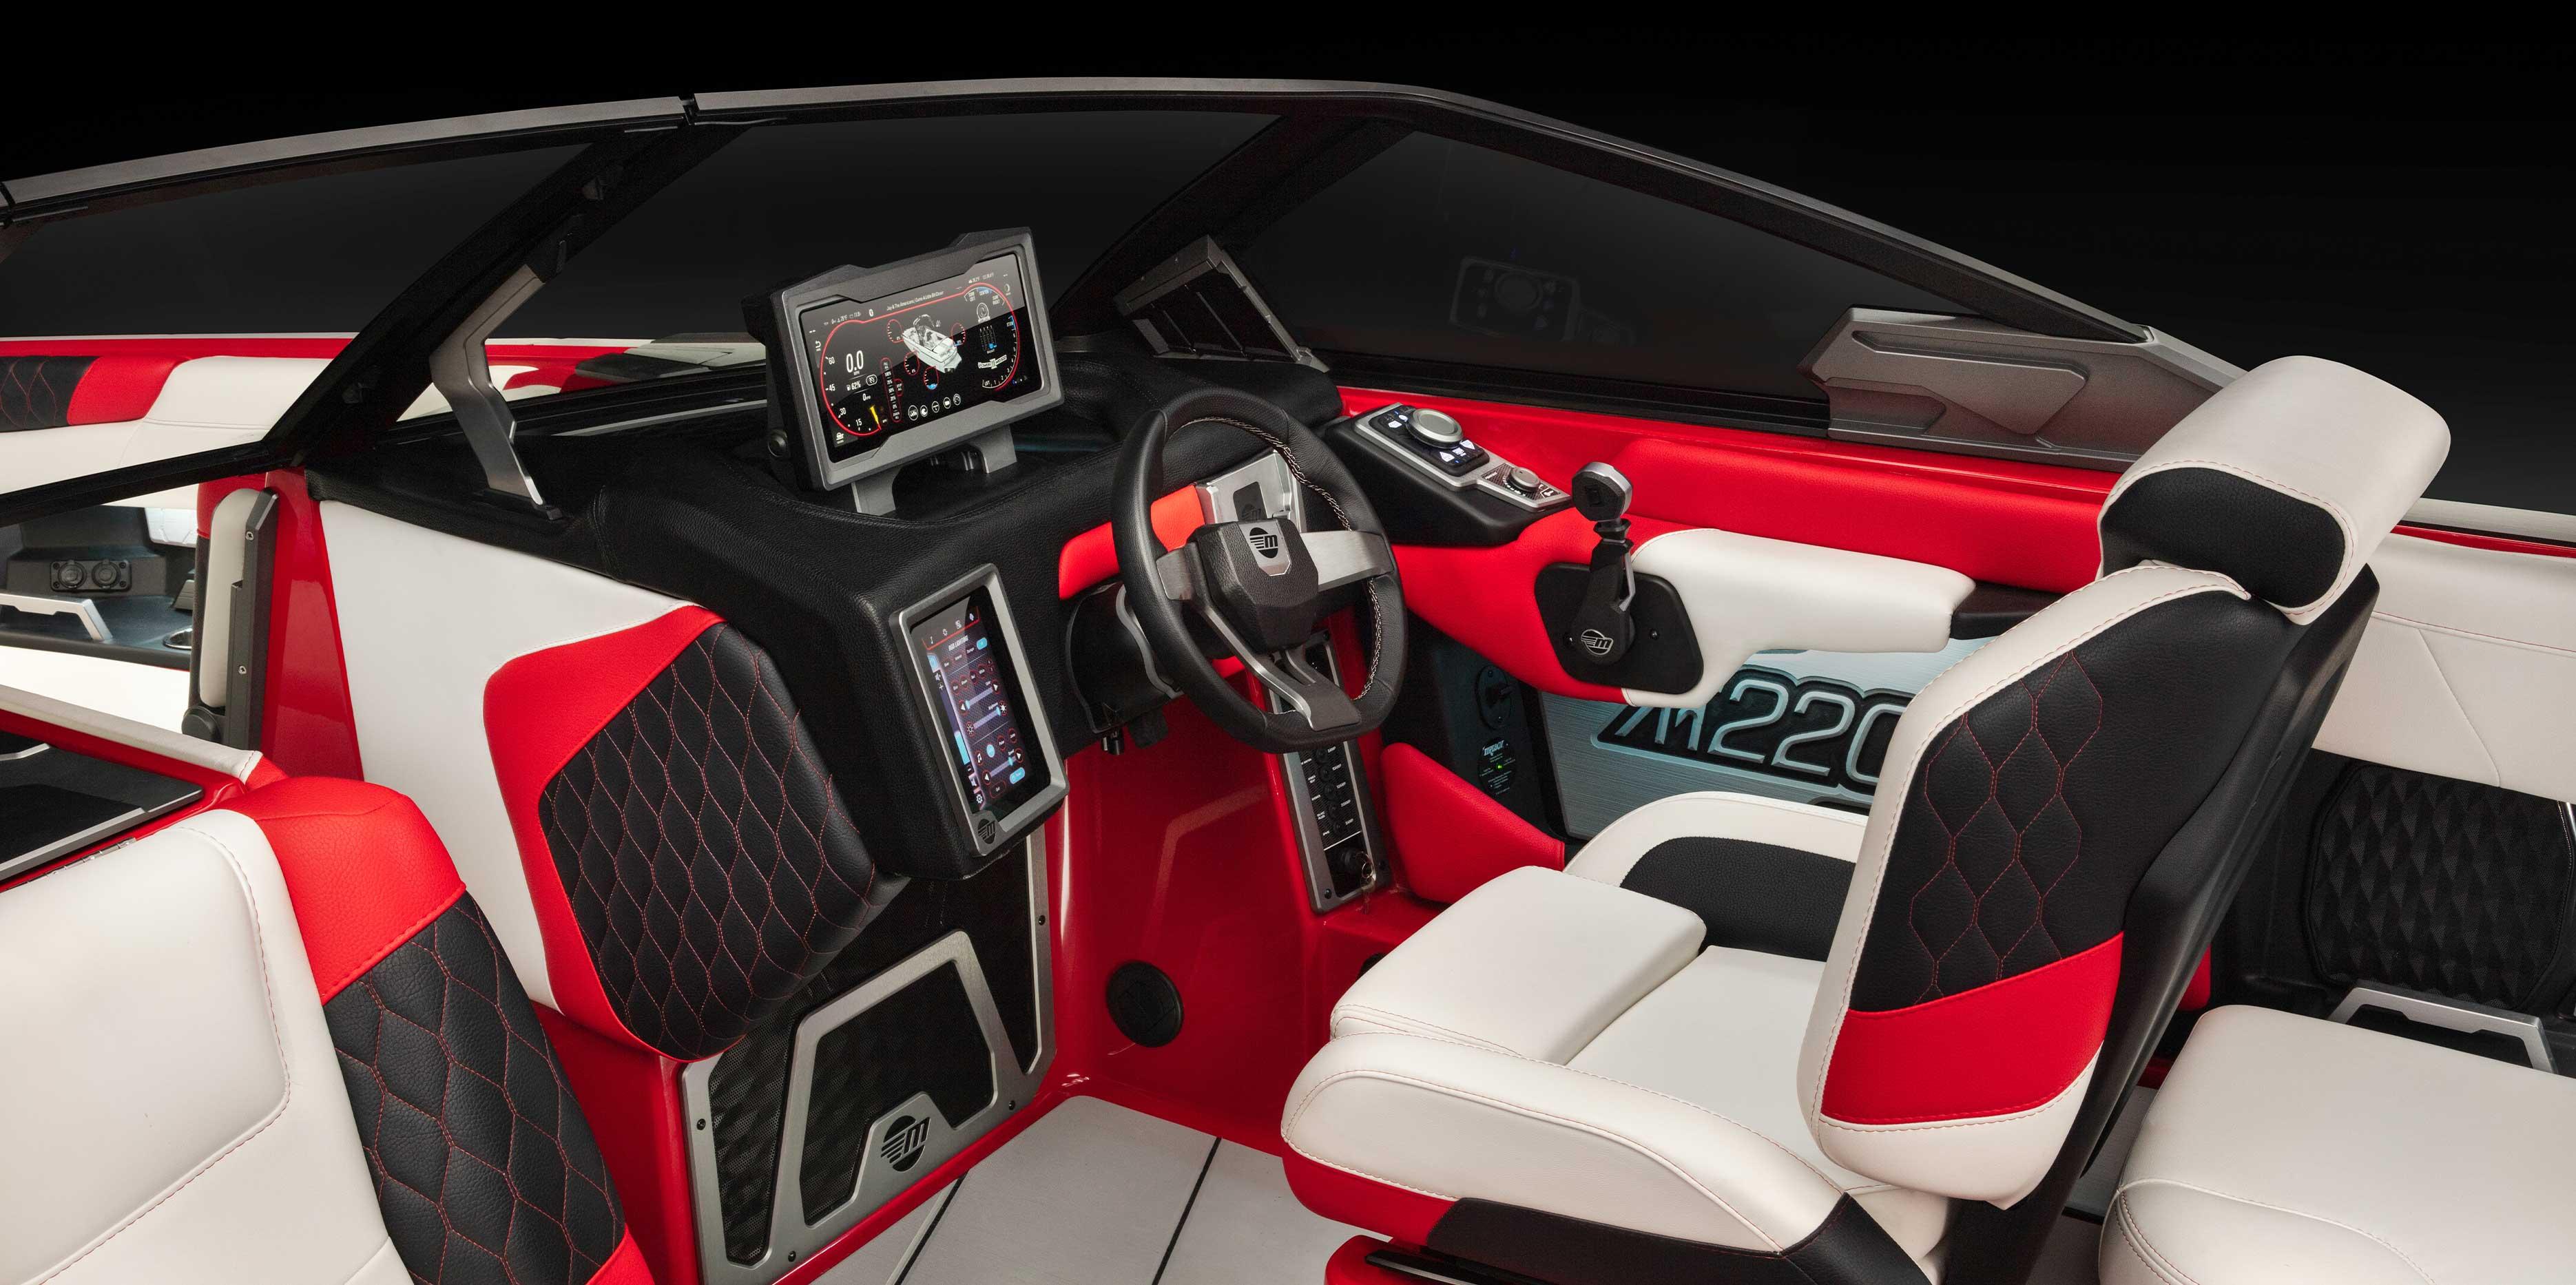 The 2021 Malibu Boats All-New M220 Premium Edition Dash